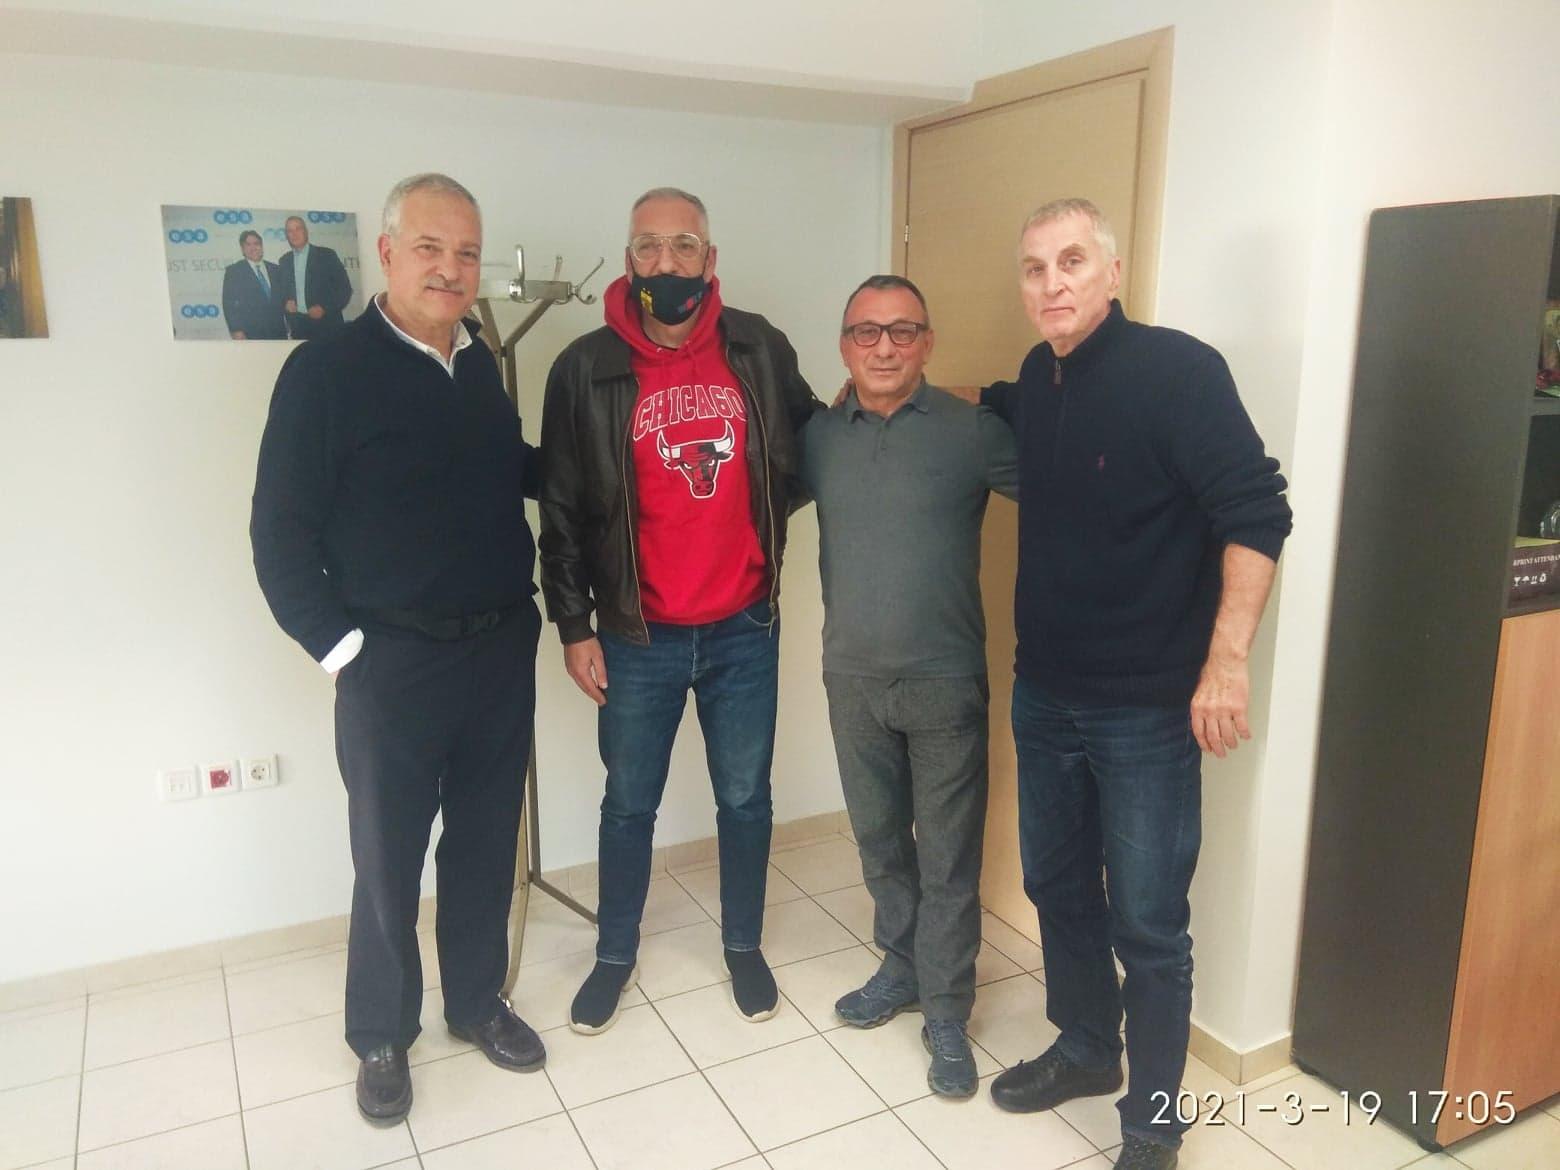 Τζούντο: Συνάντηση Λευτέρη Αρβανίτη – Νίκου Ηλιάδη